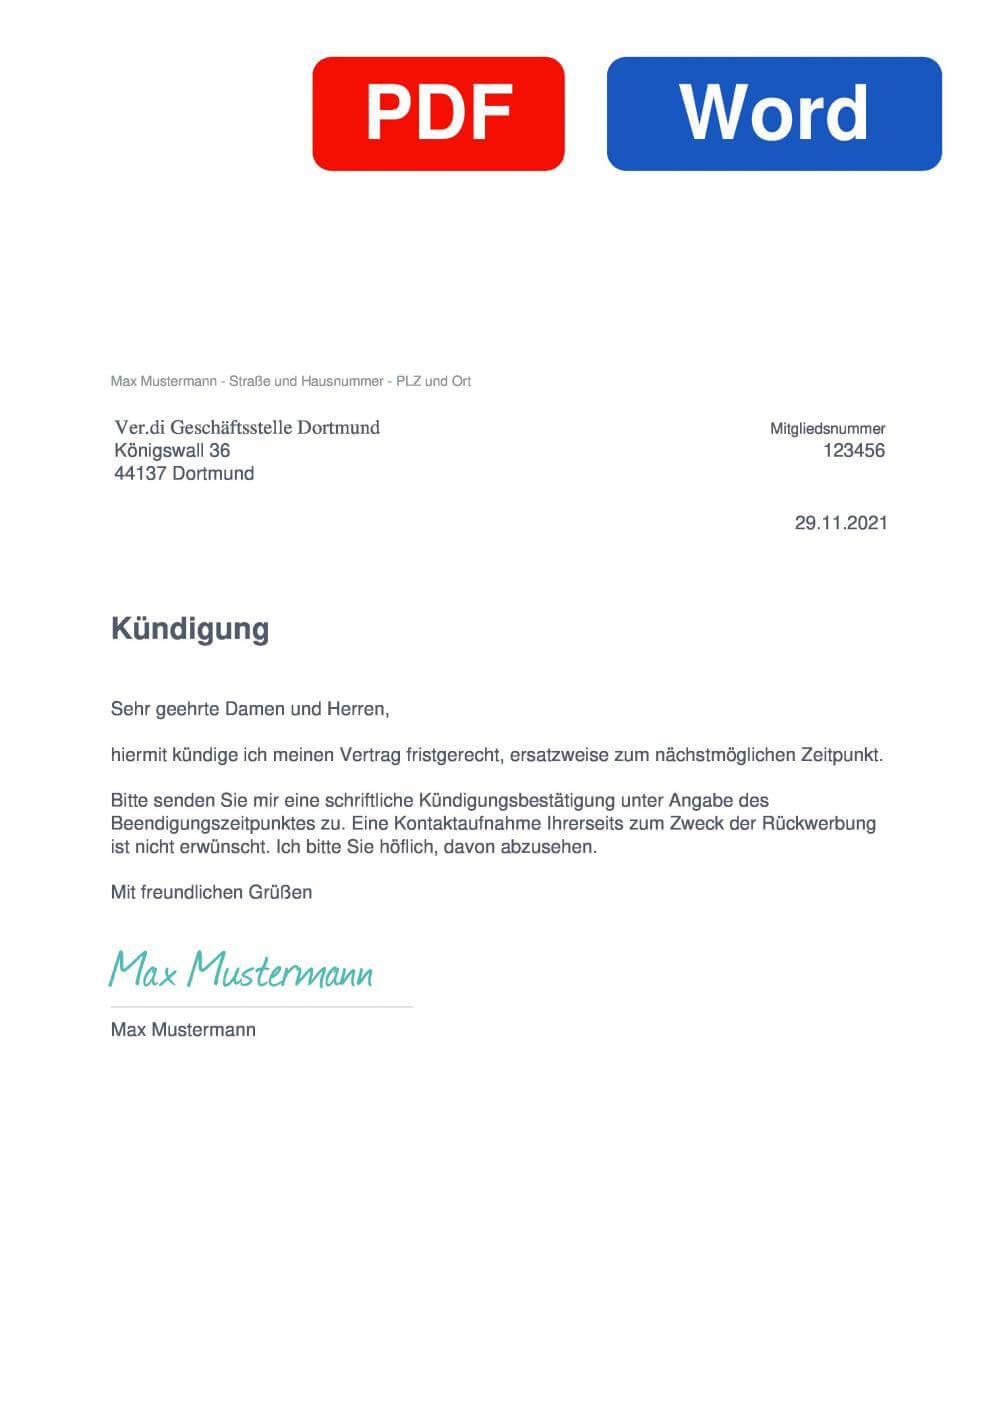 Verdi Dortmund Muster Vorlage für Kündigungsschreiben